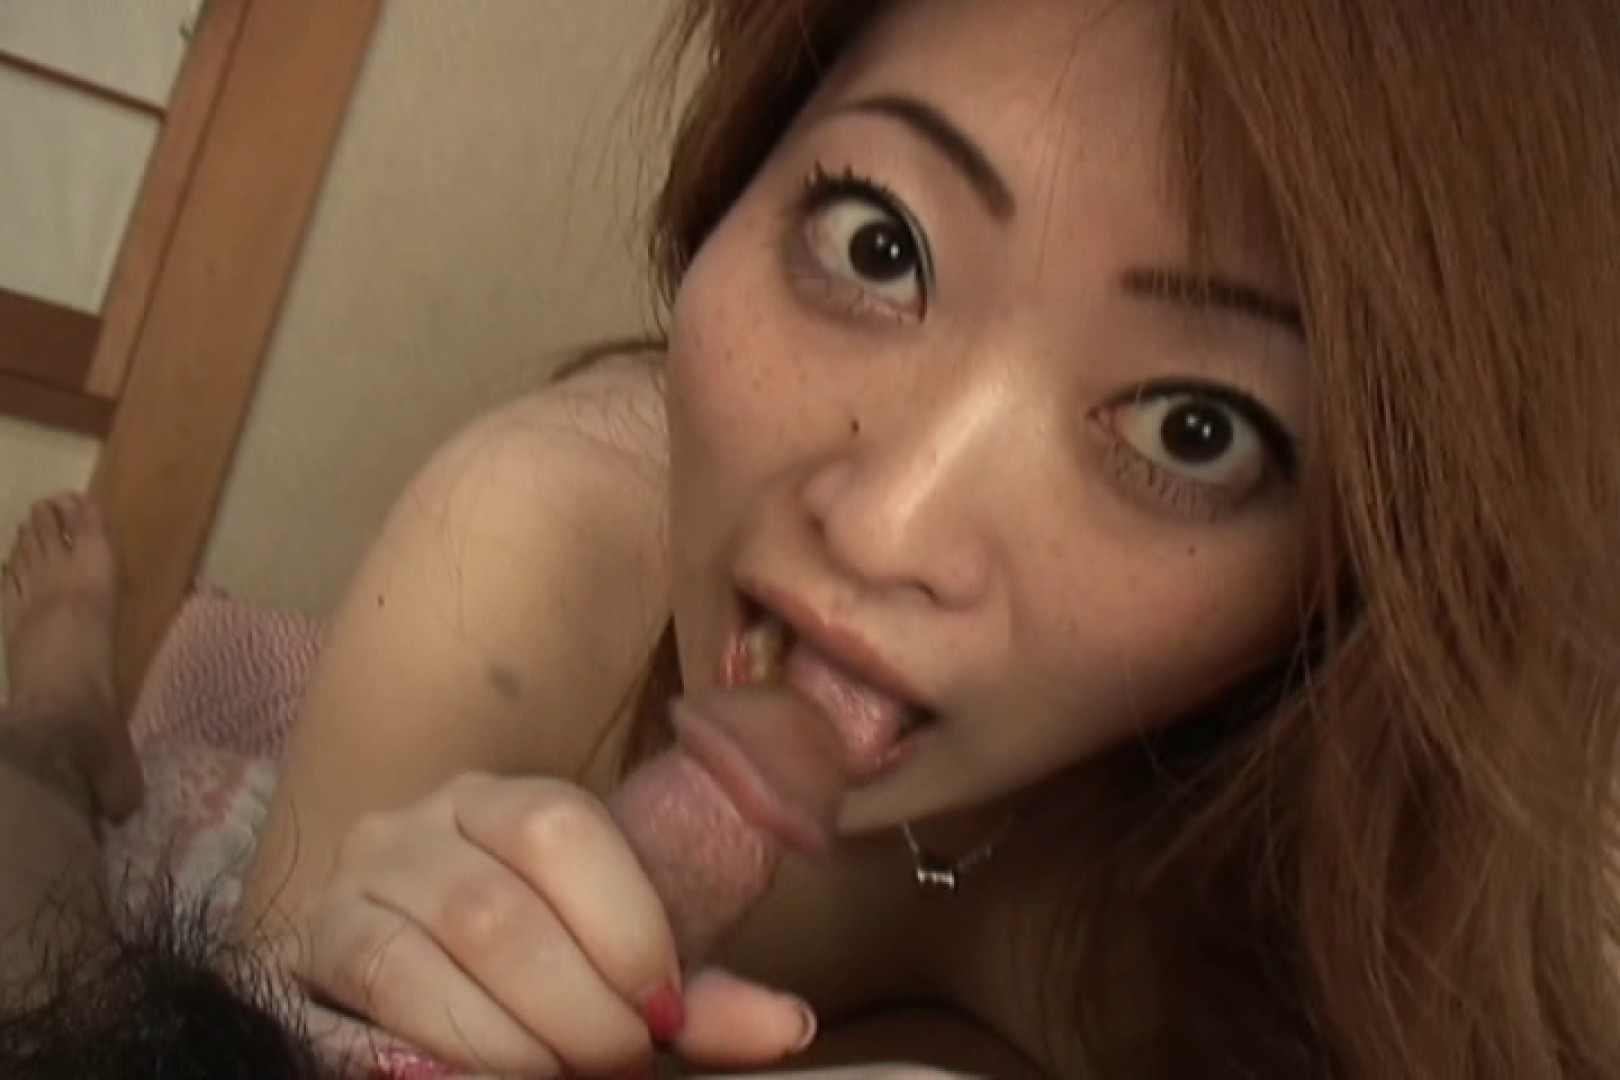 仕事で月200本のチンポを相手する22歳若人妻~桜井あい~ 電マ えろ無修正画像 108pic 2